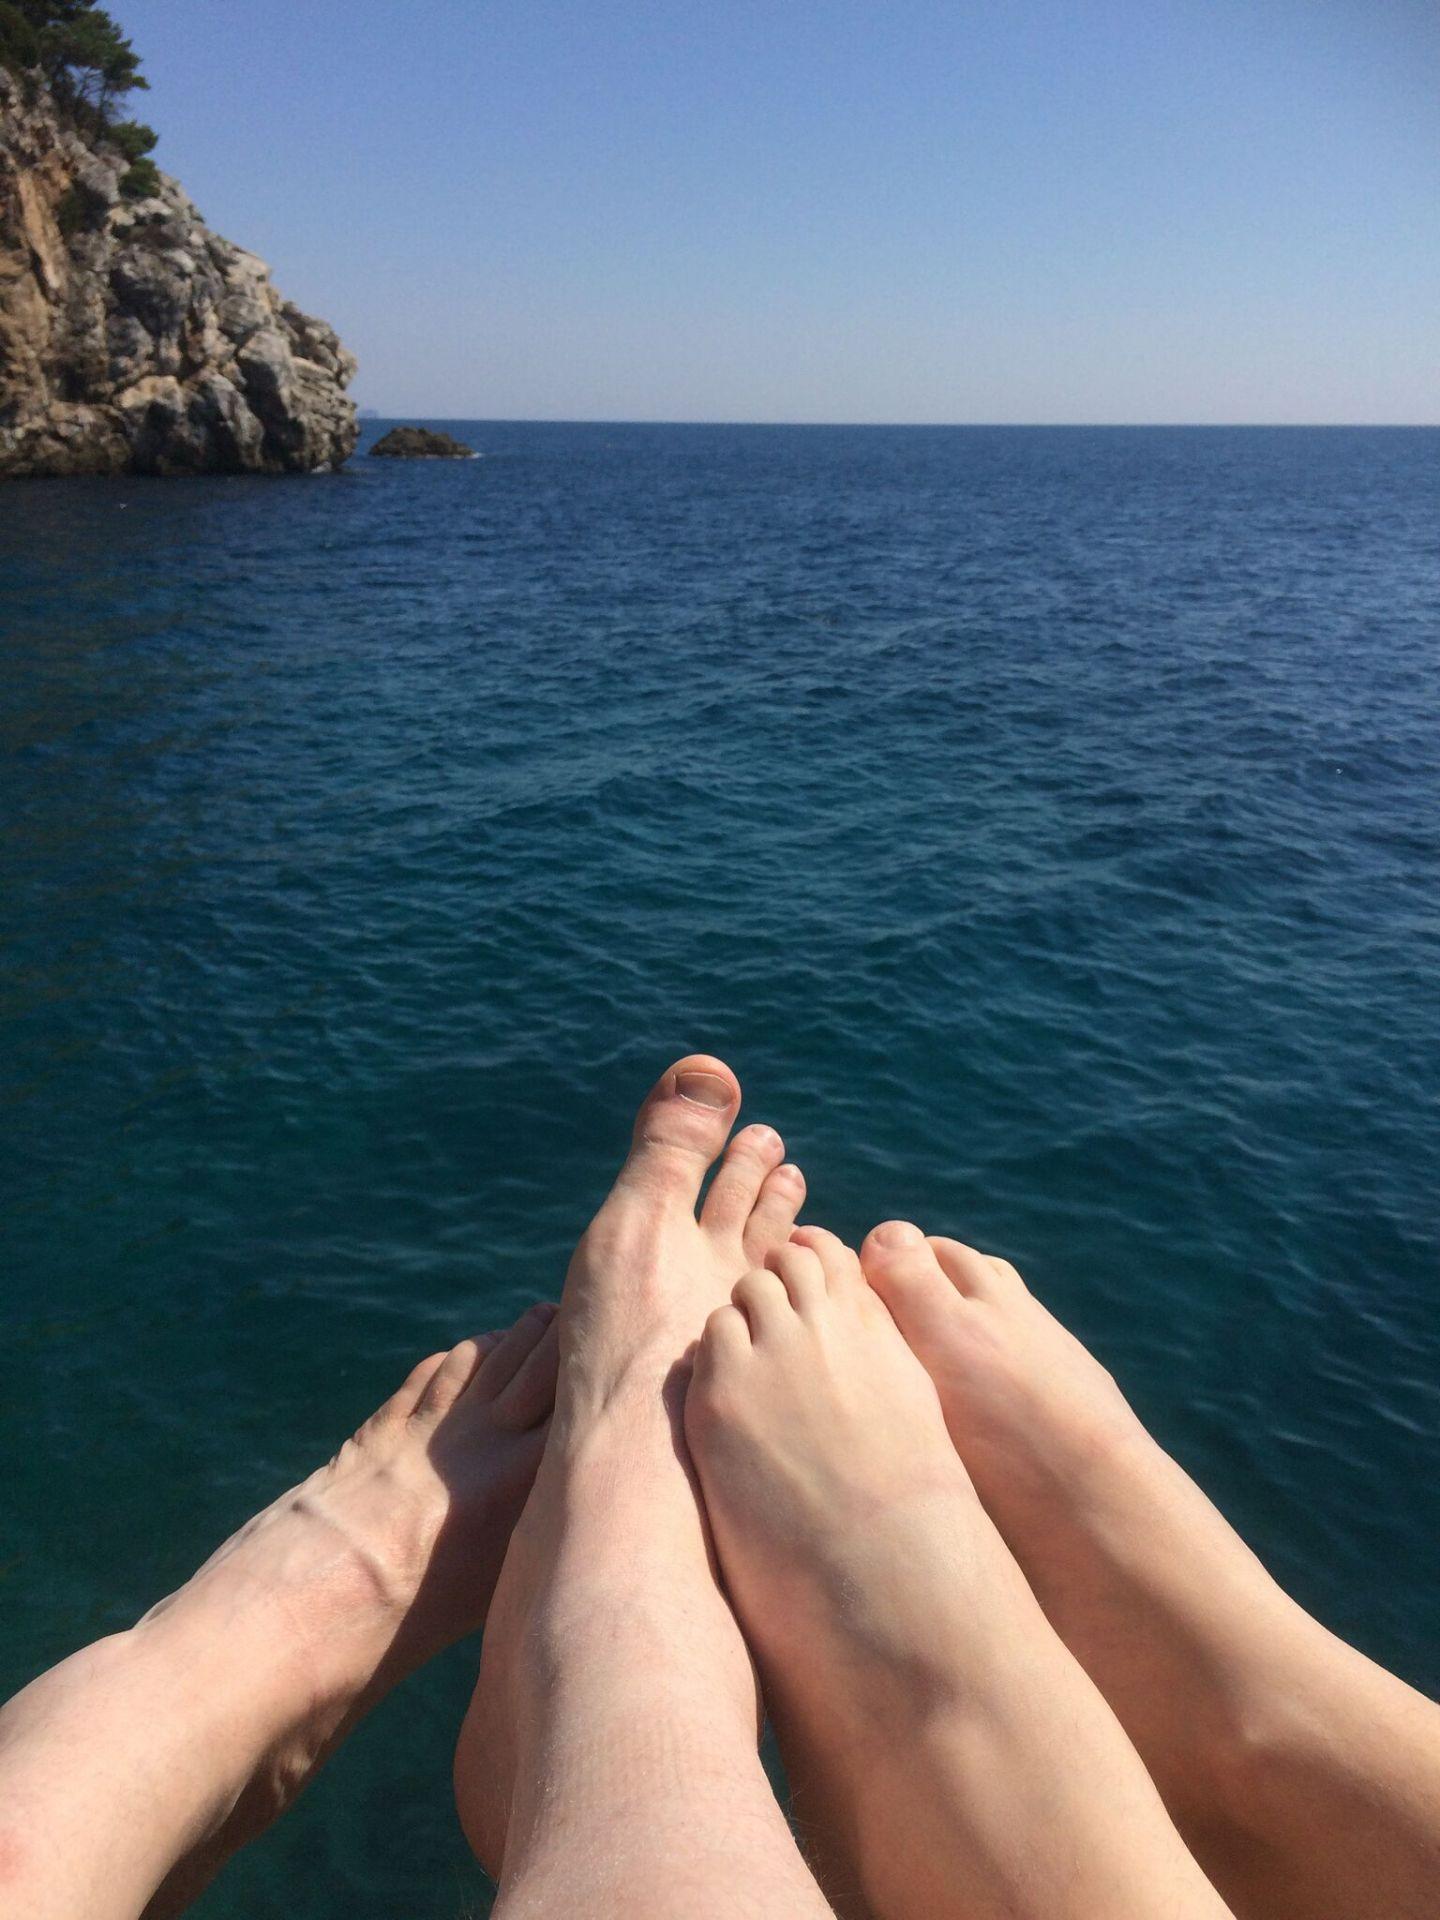 Imorgon tar jag av mig skorna och njuter av sommar, sol, hav och familjen i fyra veckors tid!